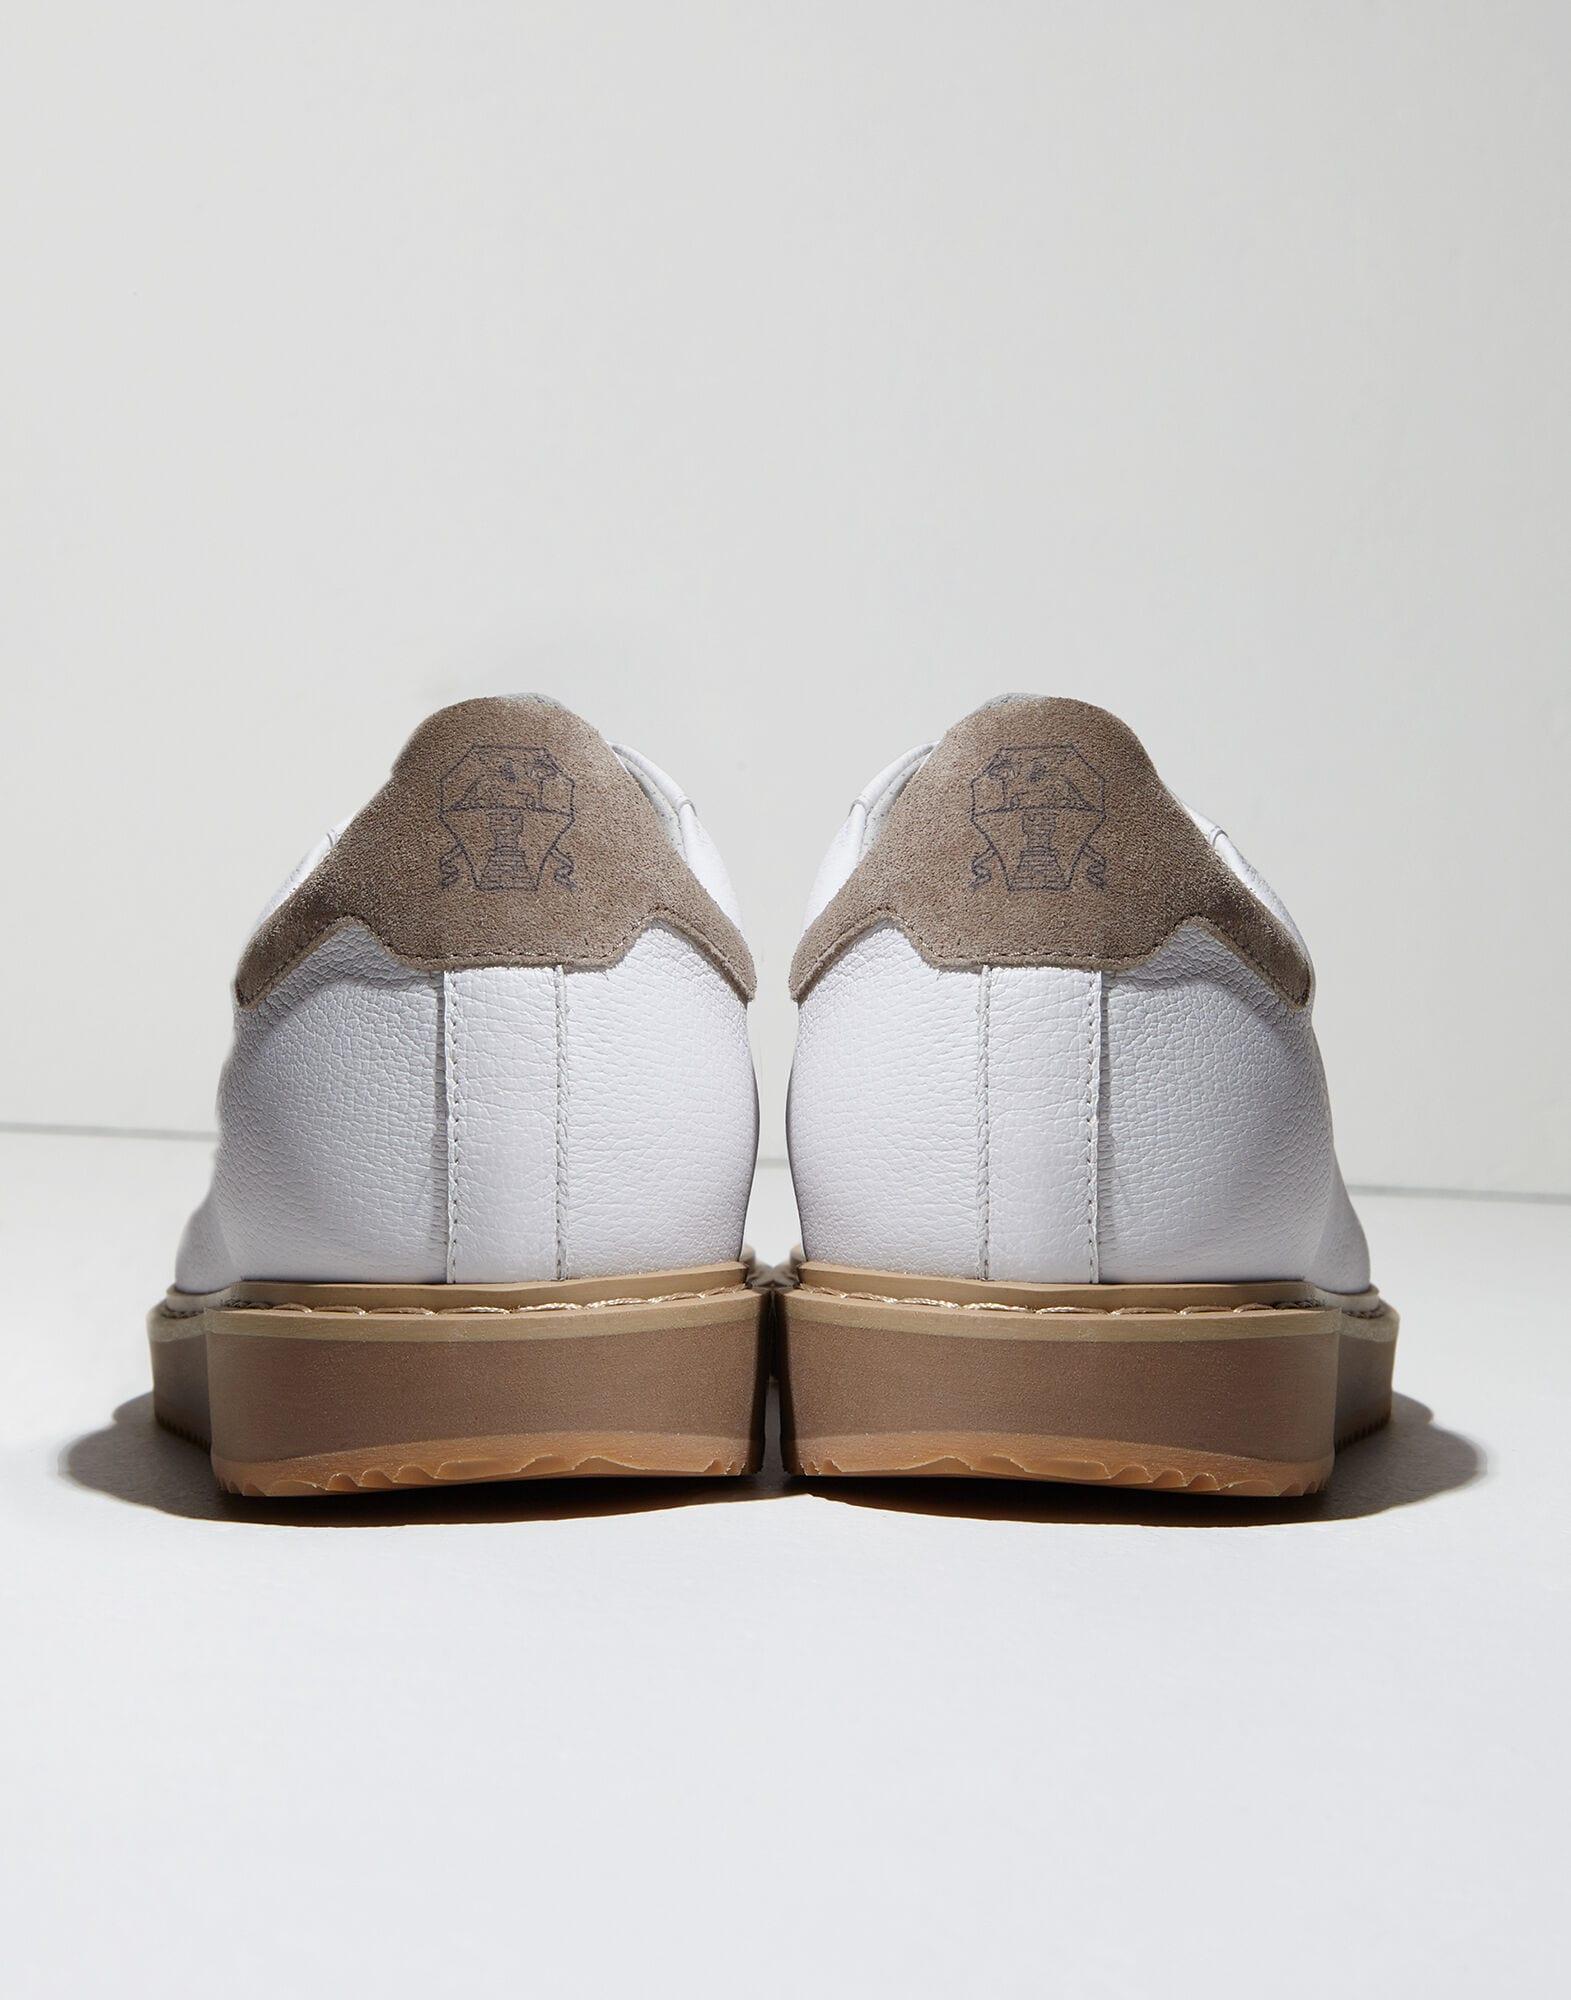 Schuhe, Sneaker, Stiefeletten für Herren | HW 2019 20